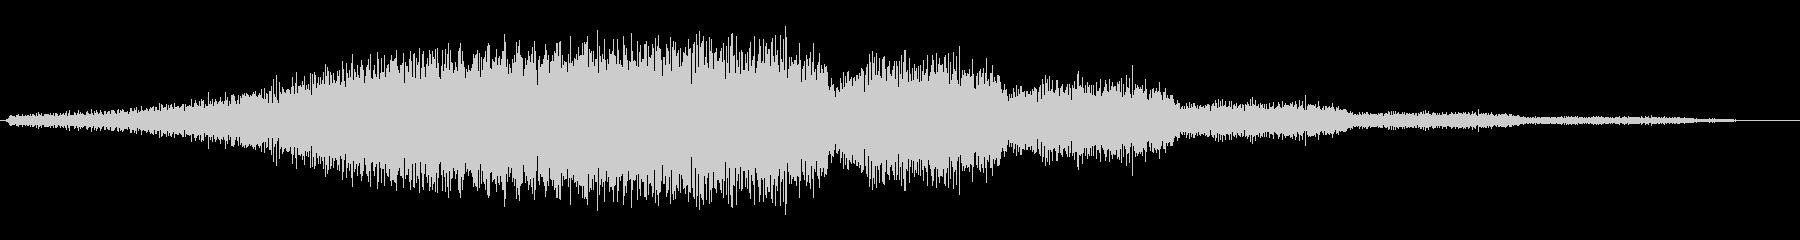 シャララ系ダウン(変化あり)の未再生の波形